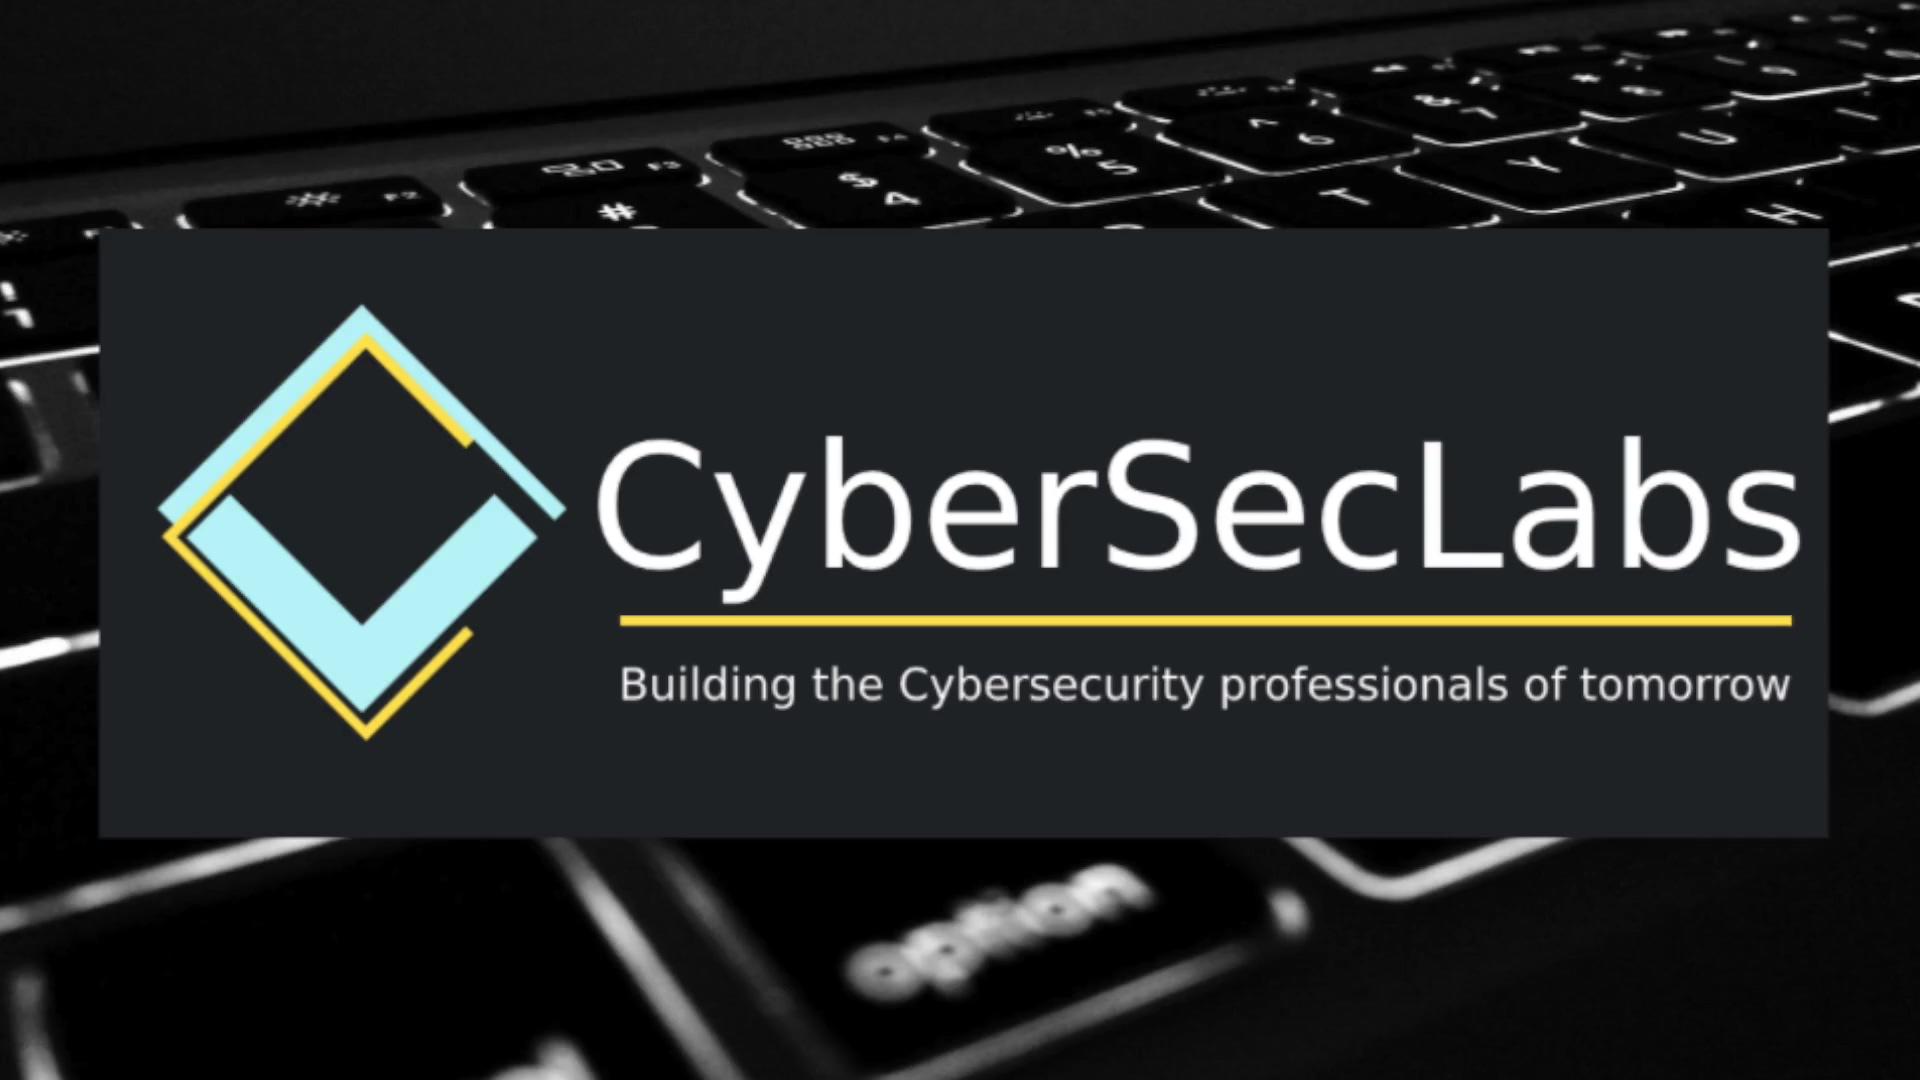 CyberSecLabs